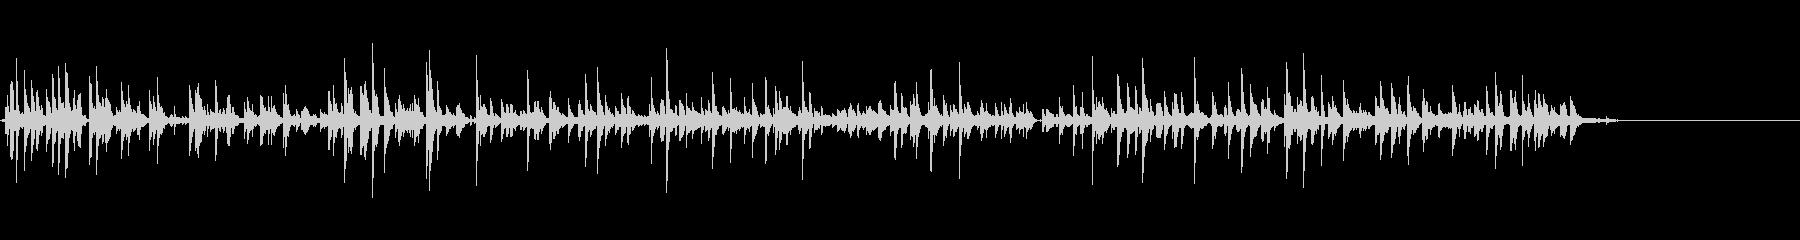 オーストリアのカウベル:鳴り続けるの未再生の波形